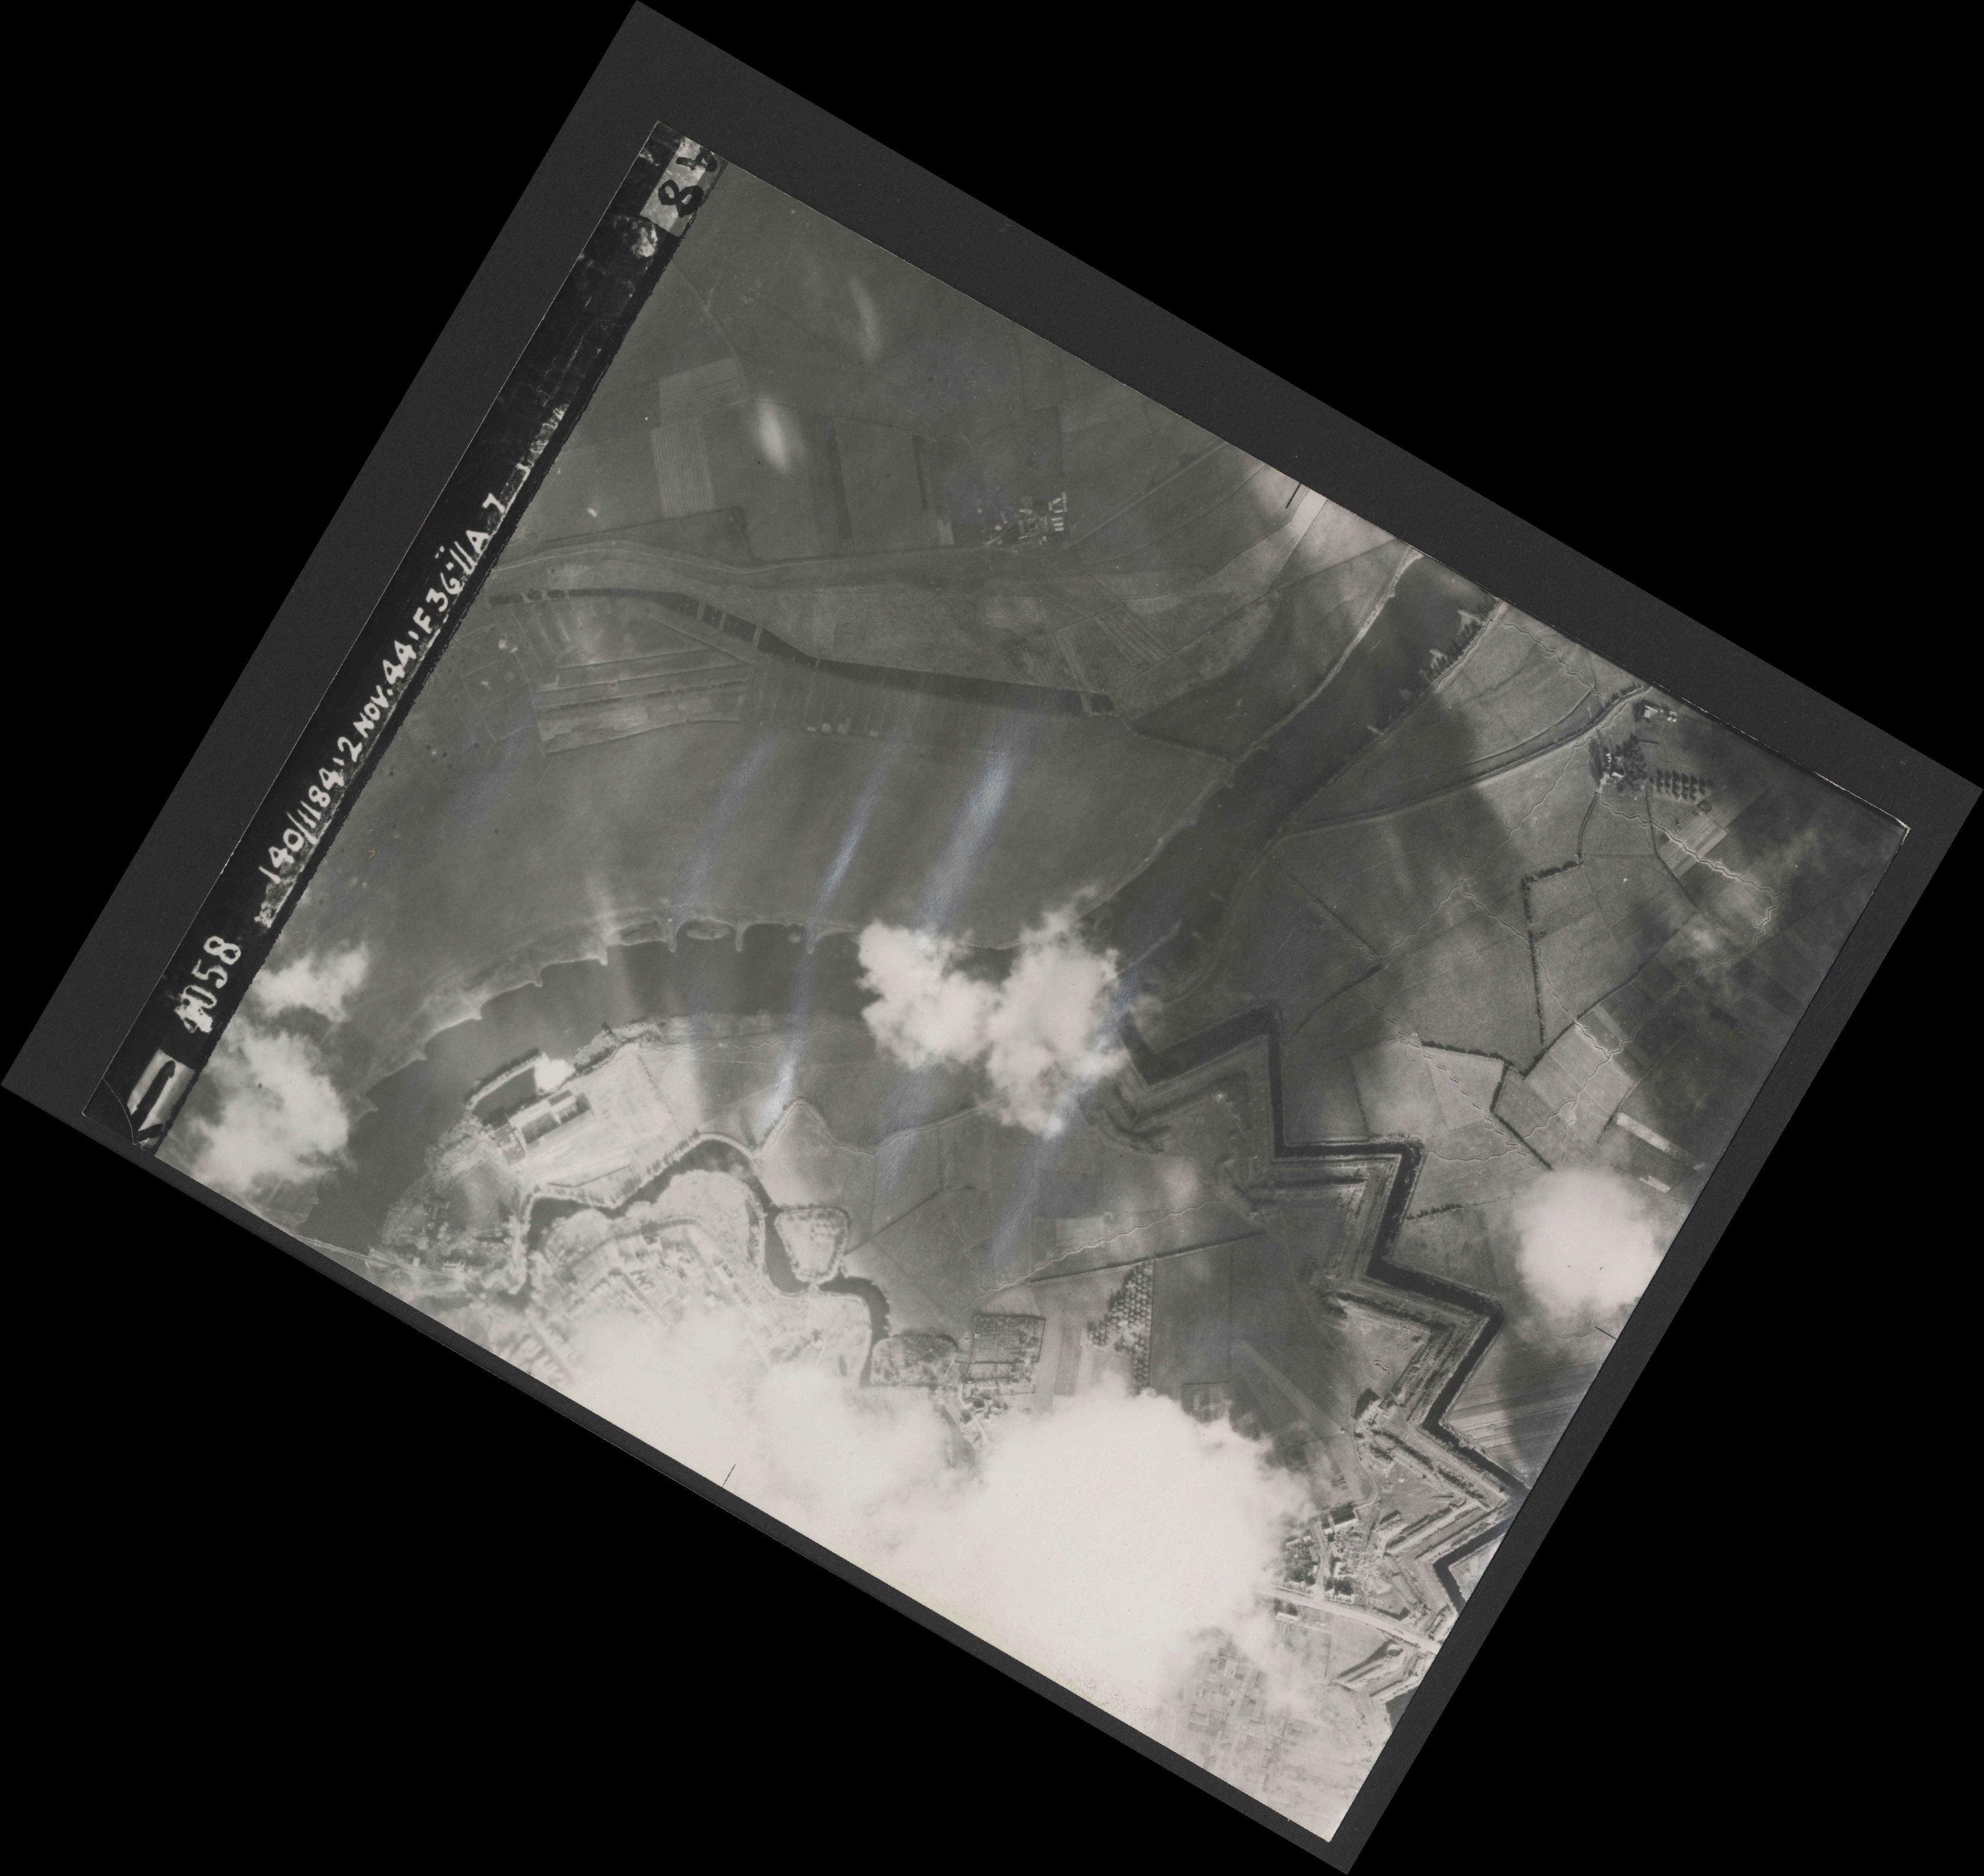 Collection RAF aerial photos 1940-1945 - flight 228, run 09, photo 4058